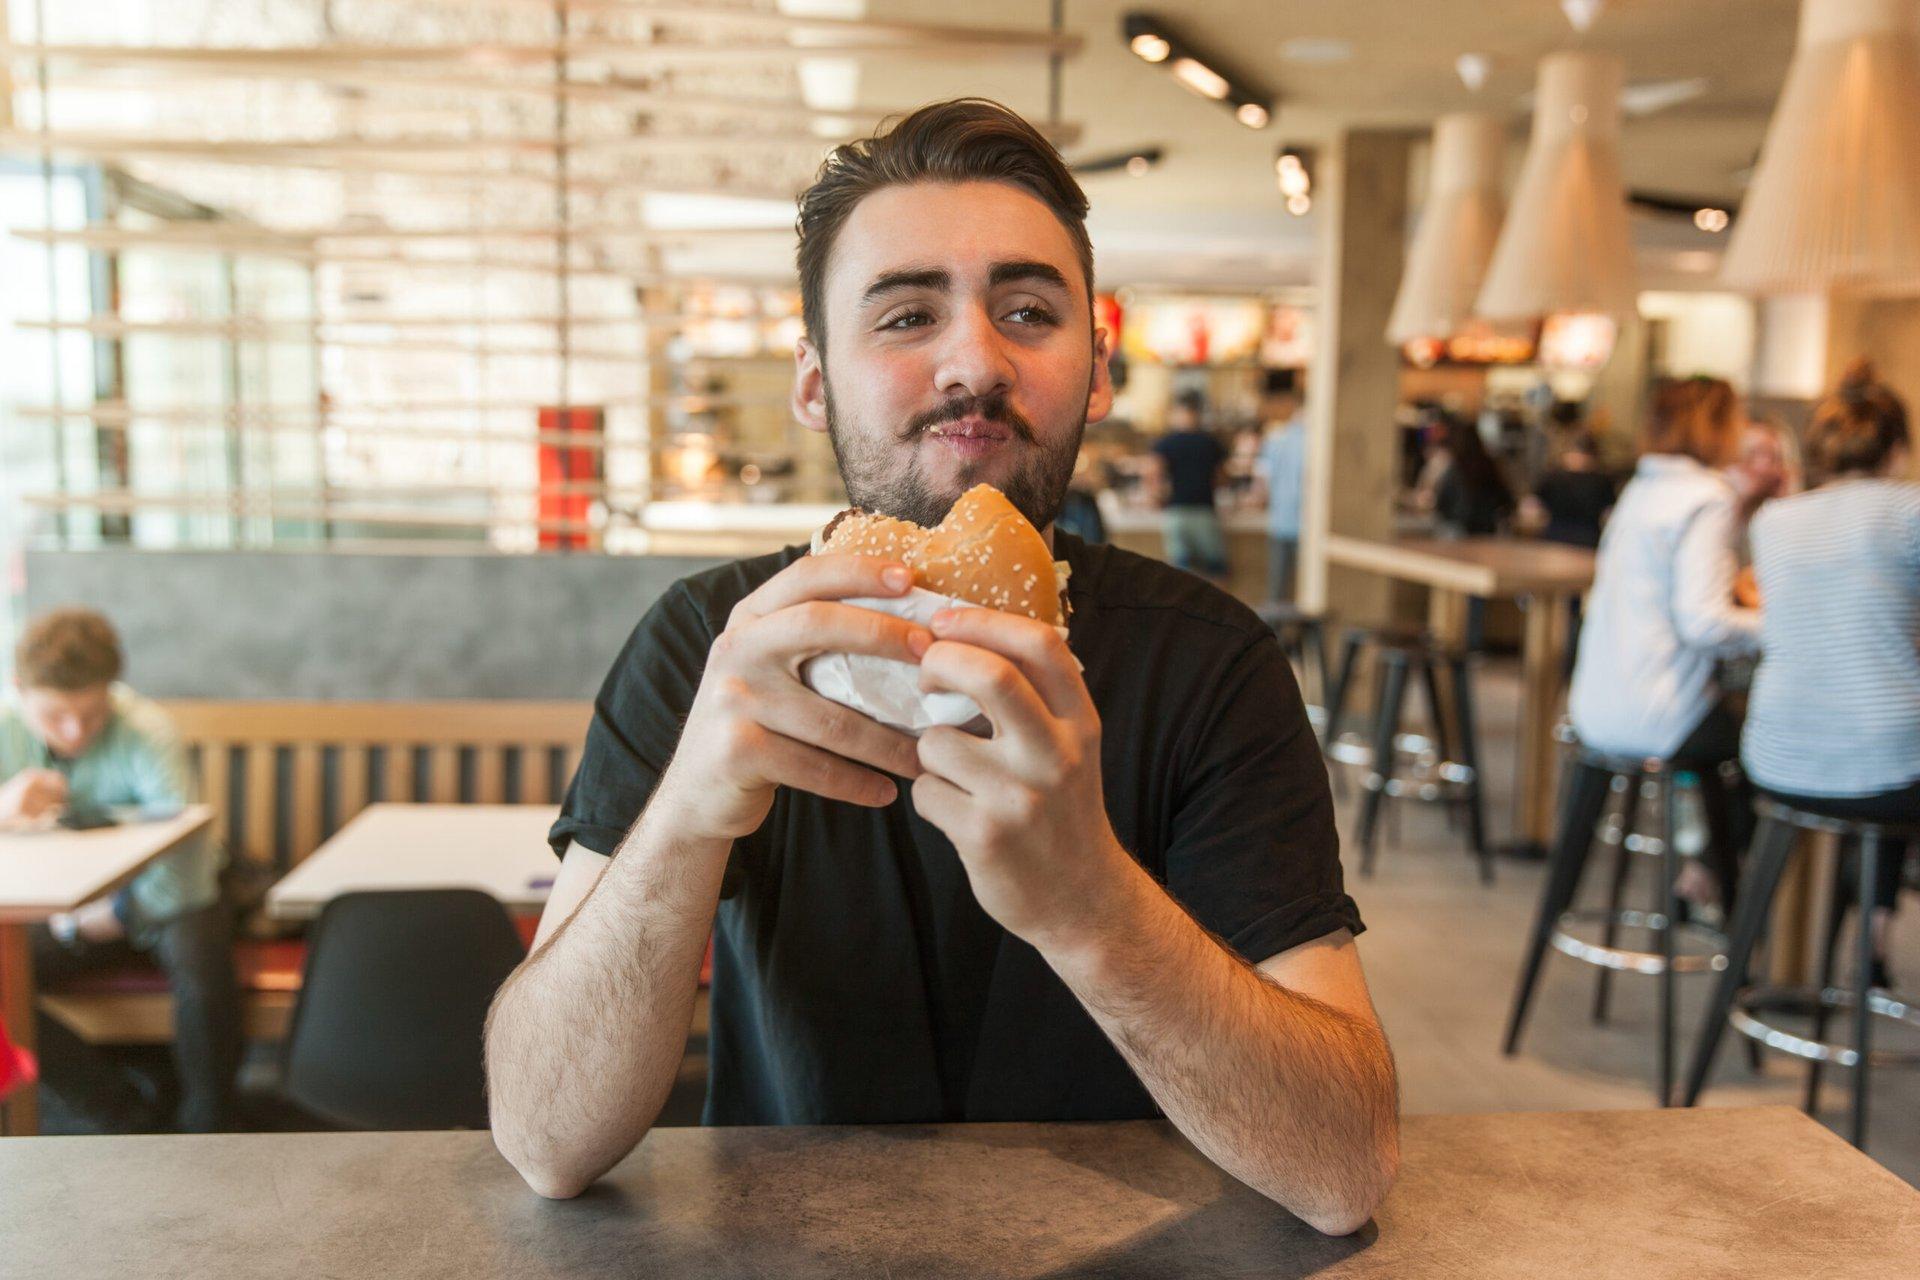 Man eating a burger at a restaurant